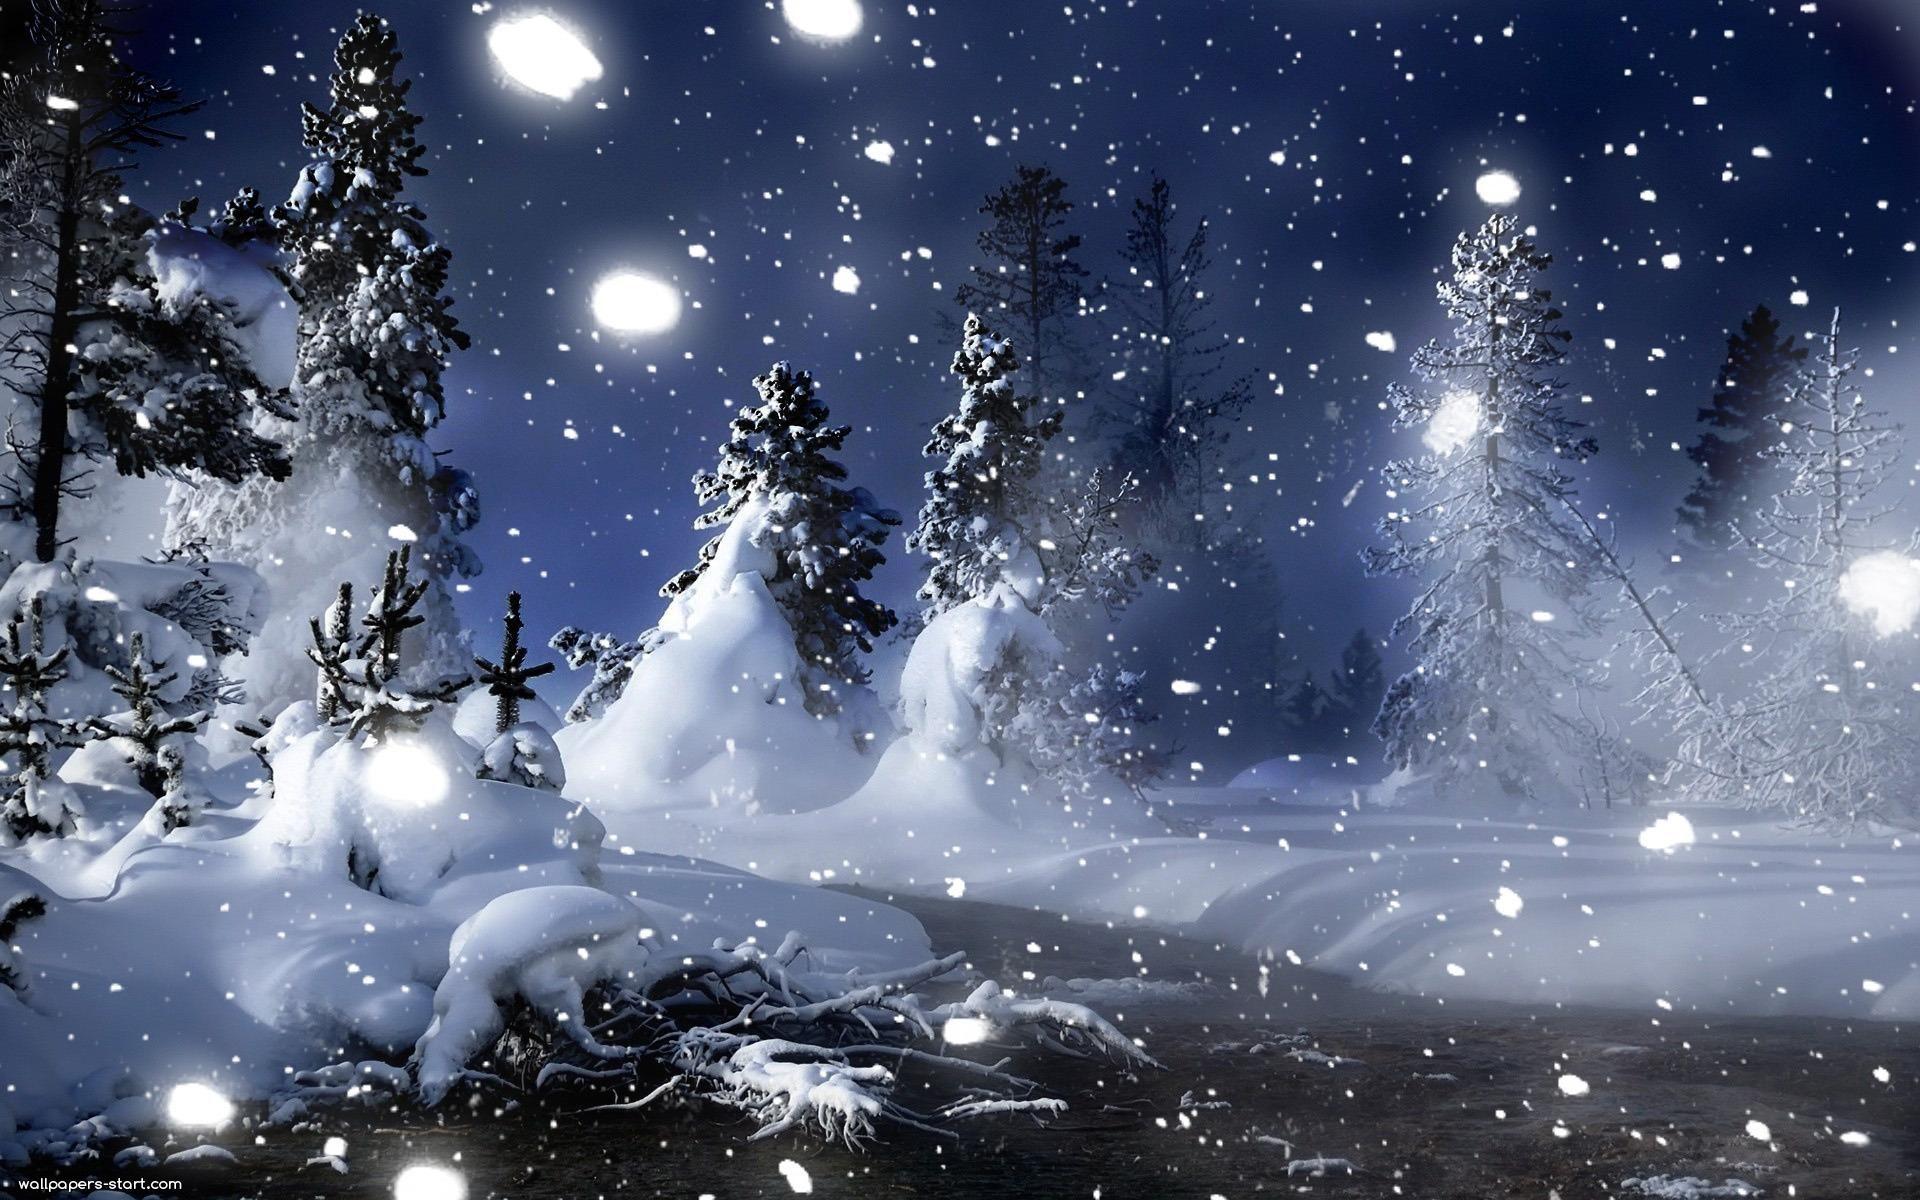 1920x1080 Snow At Night Wallpaper Winter Desktop Background Winter Wallpaper Hd Winter Wallpaper